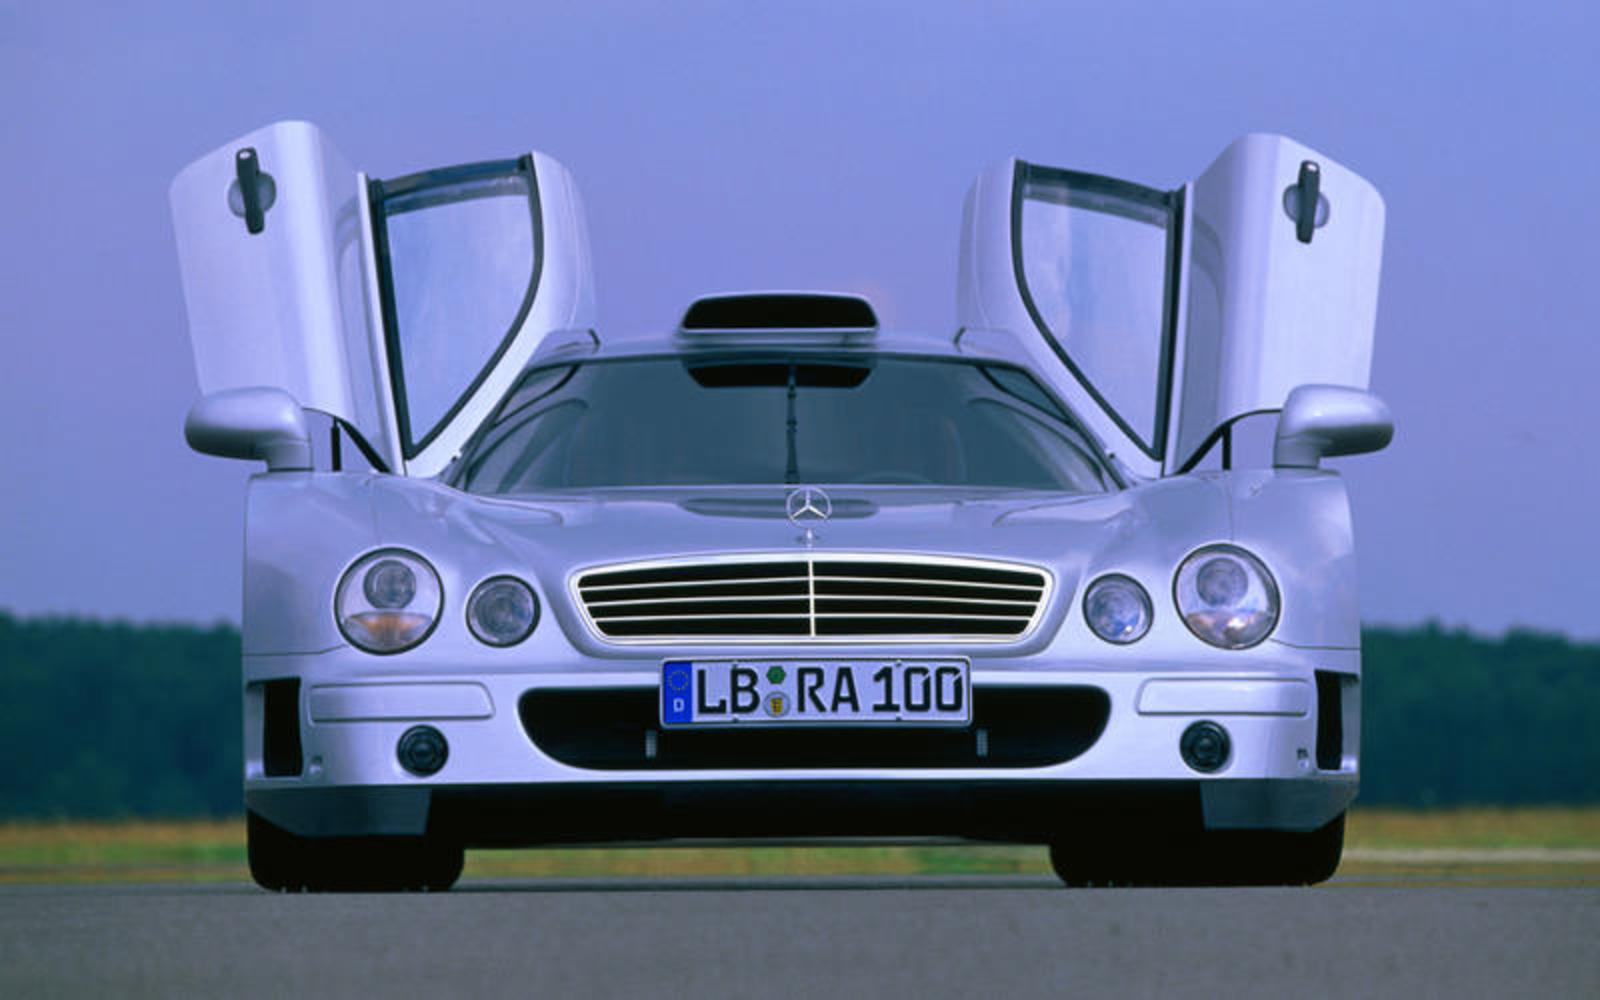 7 Clk Gtr Daimler